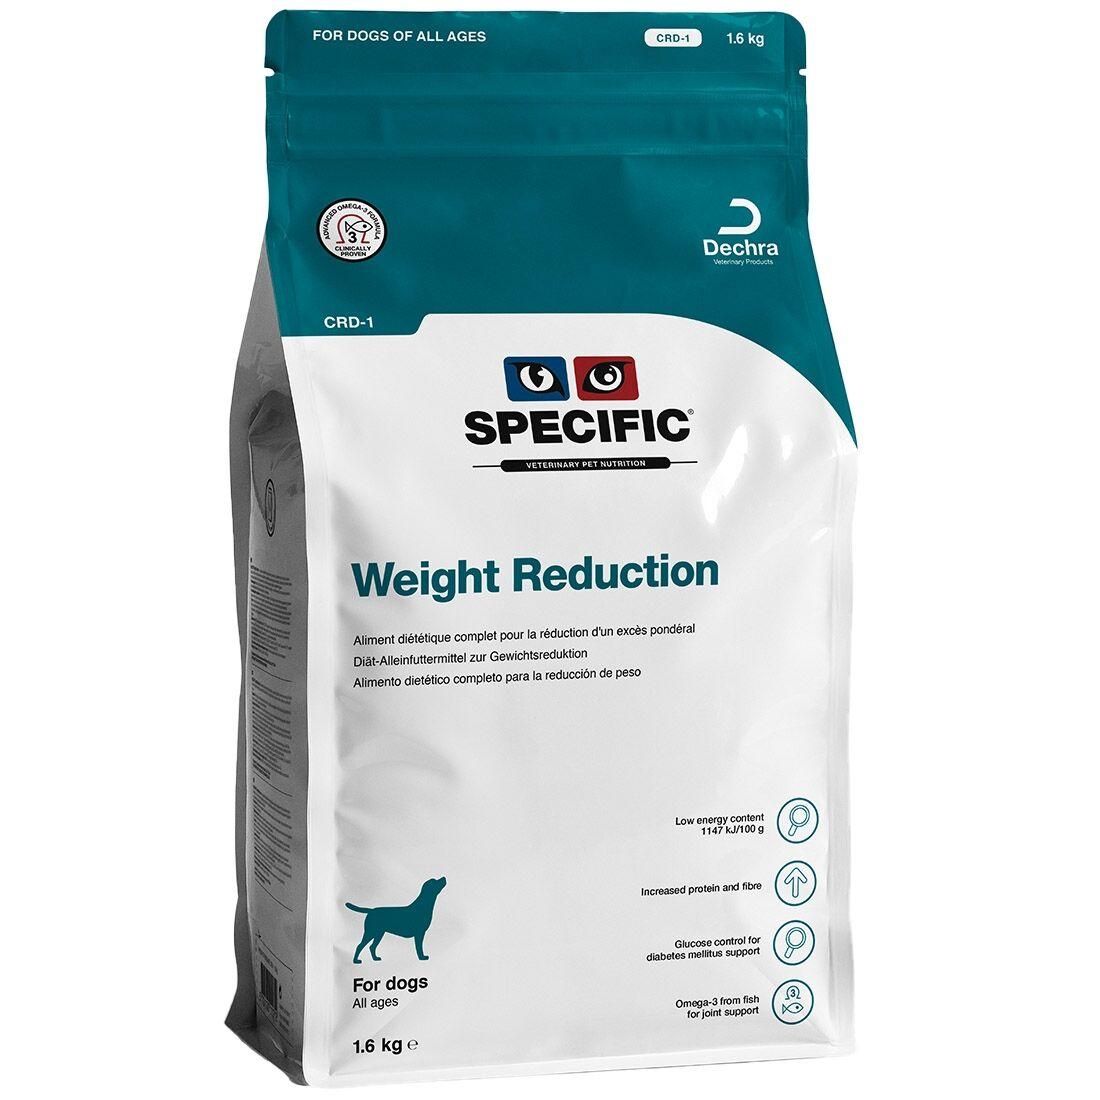 Specific Croquettes chien SPECIFIC CRD-1 Weight Reduction Contenance : 4,8 kg (3 sacs de 1,6 kg)